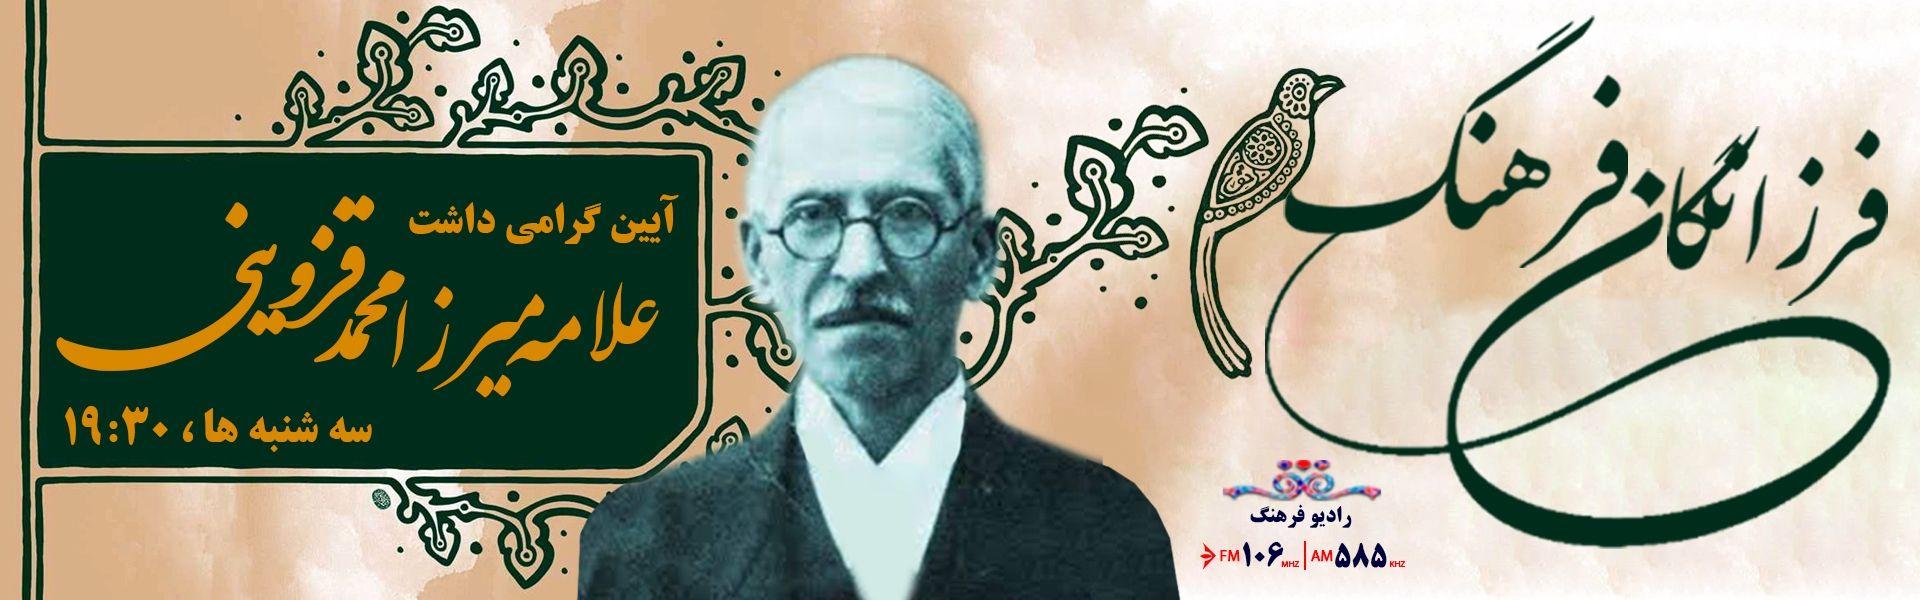 فرزانگان فرهنگ؛آیین گرامی داشت علامه میرزا محمد قزوینی